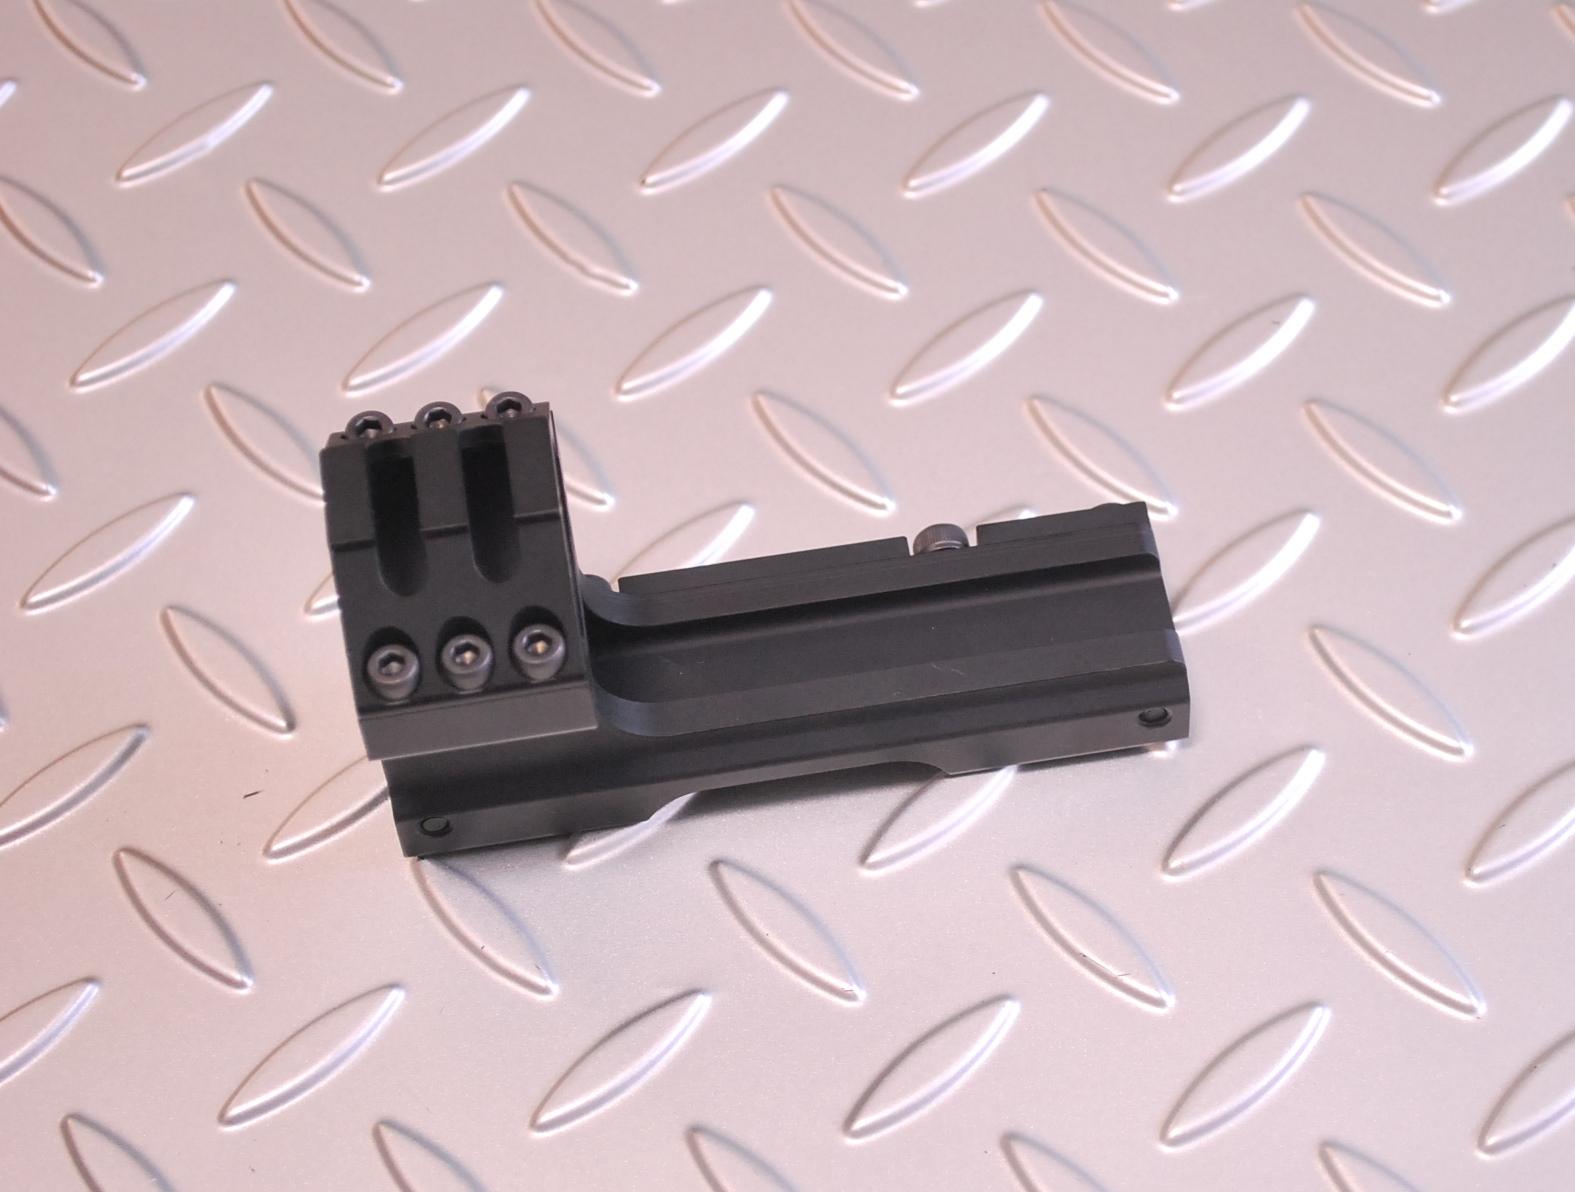 OTS 89式小銃用シングルマウントリング